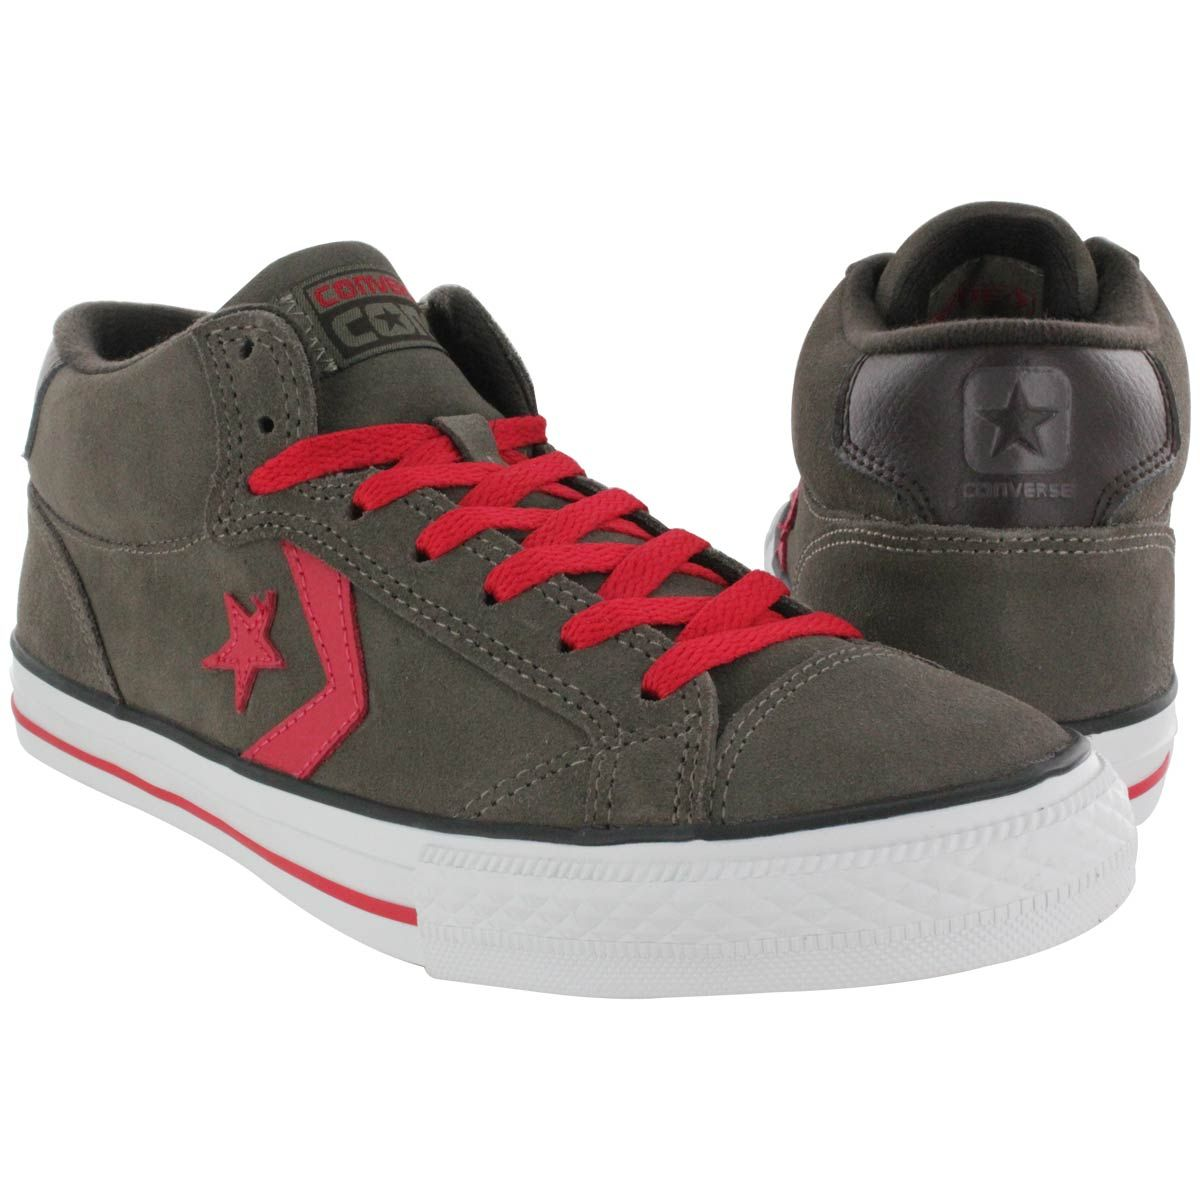 ecc0cd1d33e36a Converse Men s RUNE PRO II MID grey mid cut suede sneakers 139940c m ...